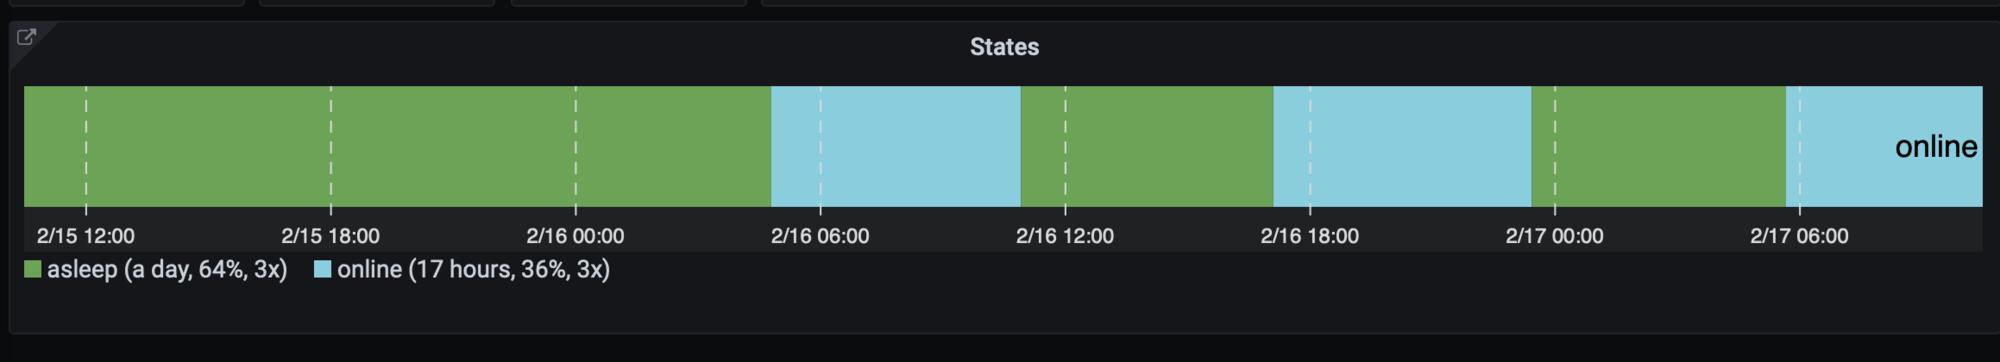 Screenshot 2021-02-17 at 10.28.54.png